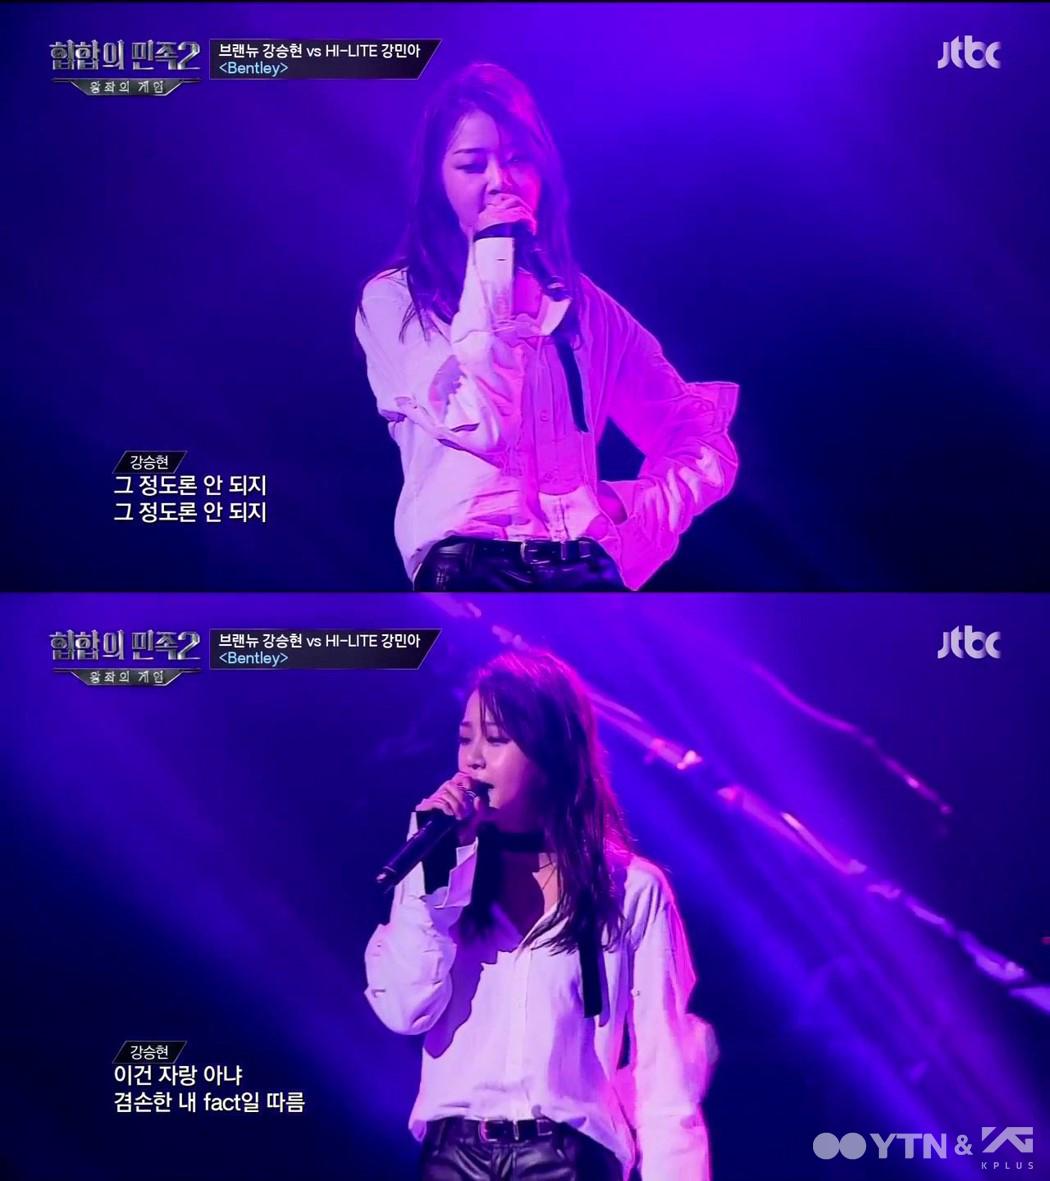 강승현, '힙합의 민족2'에서 독보적인 존재감! 데스매치 후 소감 공개